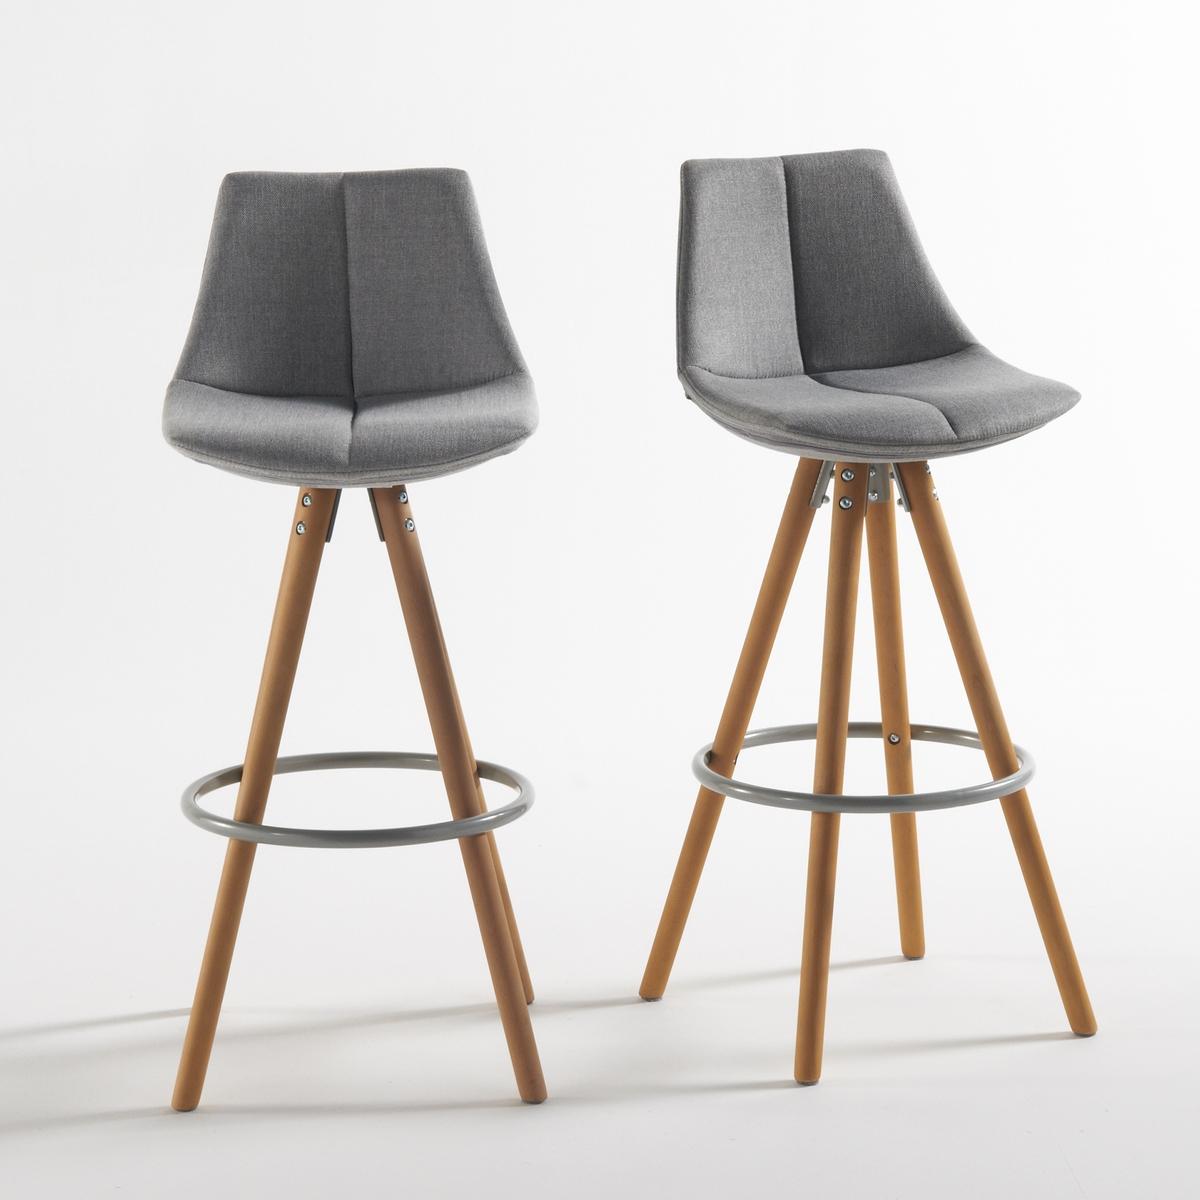 Комплект из 2 барных стульев, Asting от La Redoute